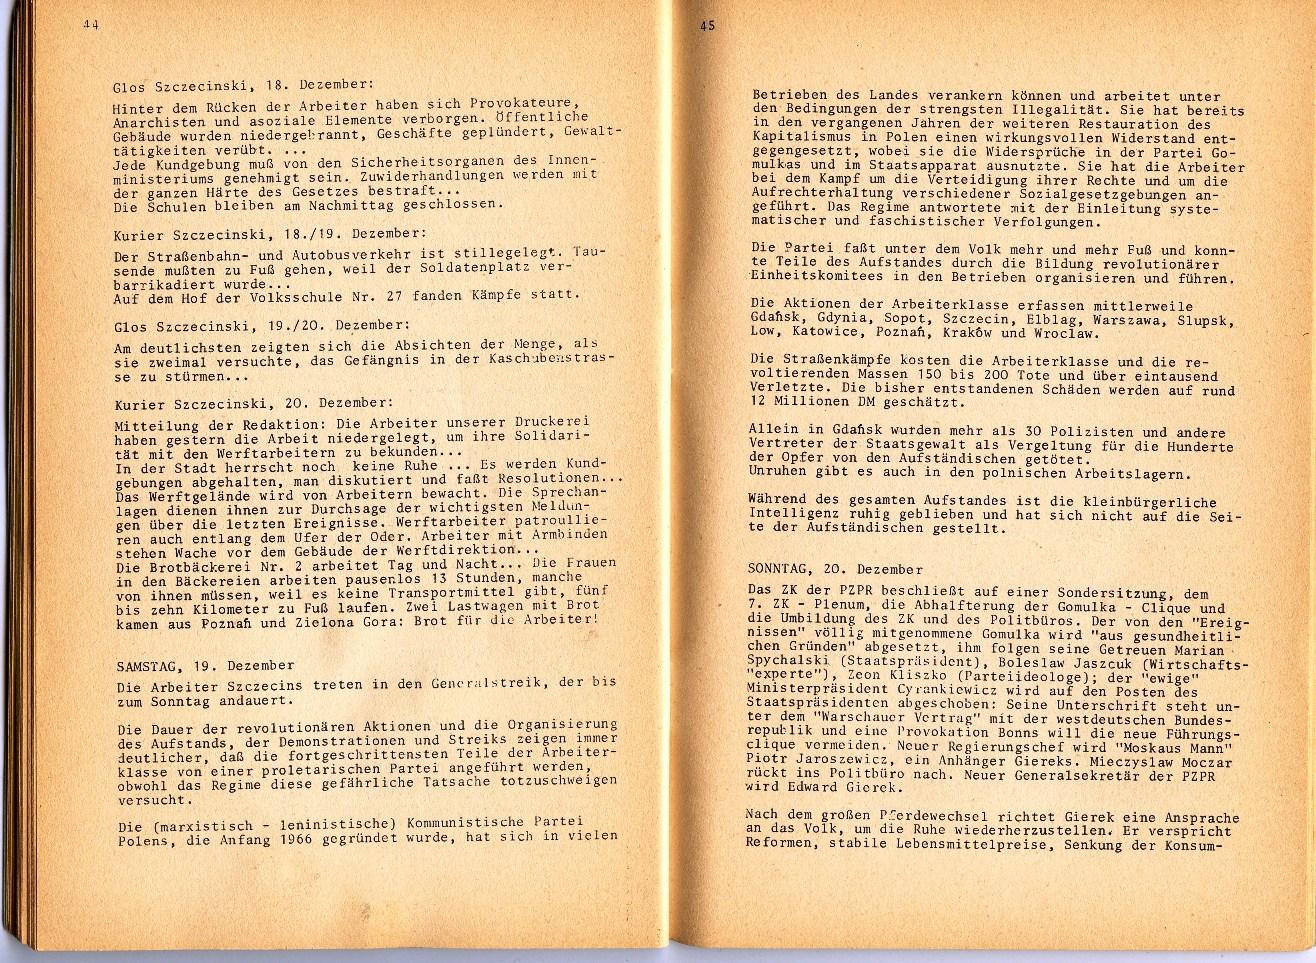 ZB_Polen_Aufstand_1971_26